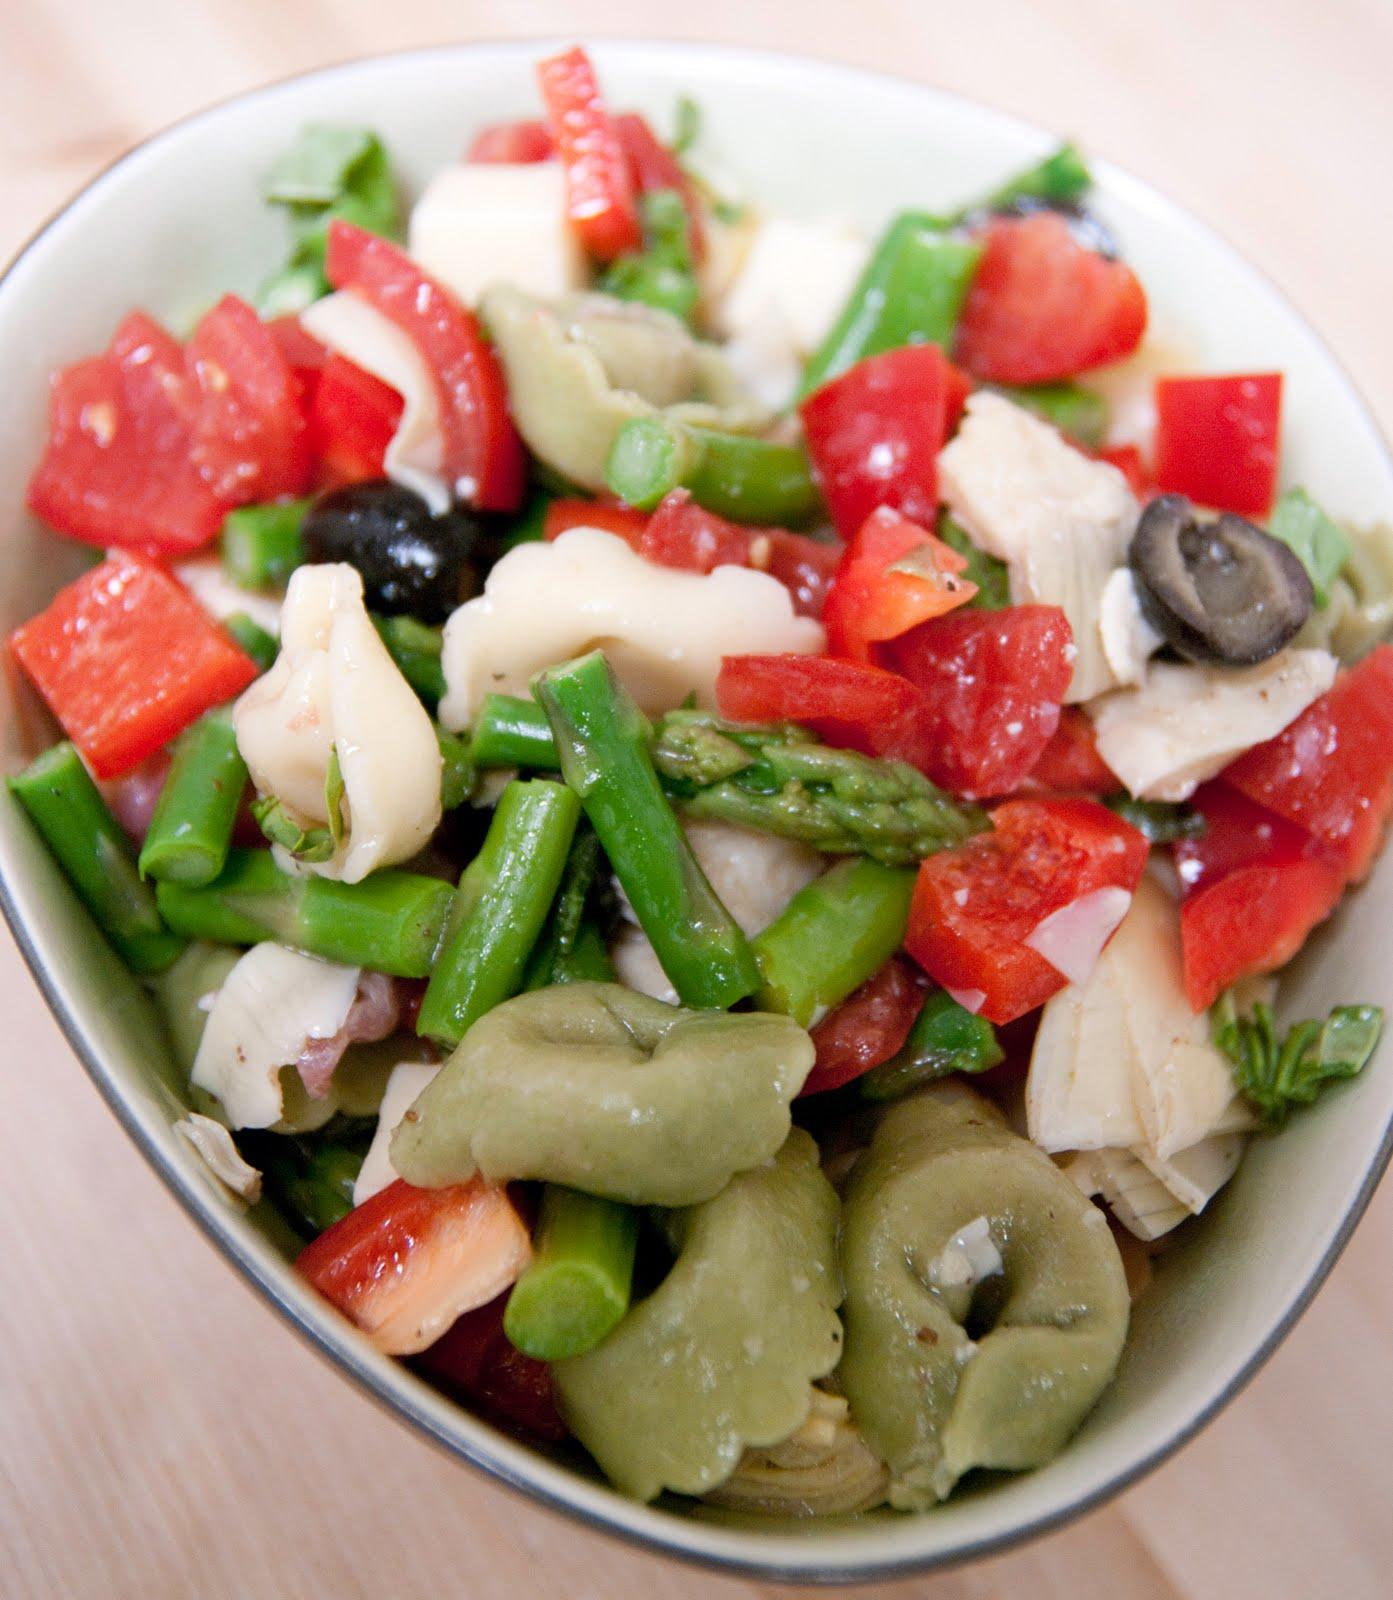 Mediterranean Kitchen Kirkland: A Blog About Food: Mediterranean Pasta Salad